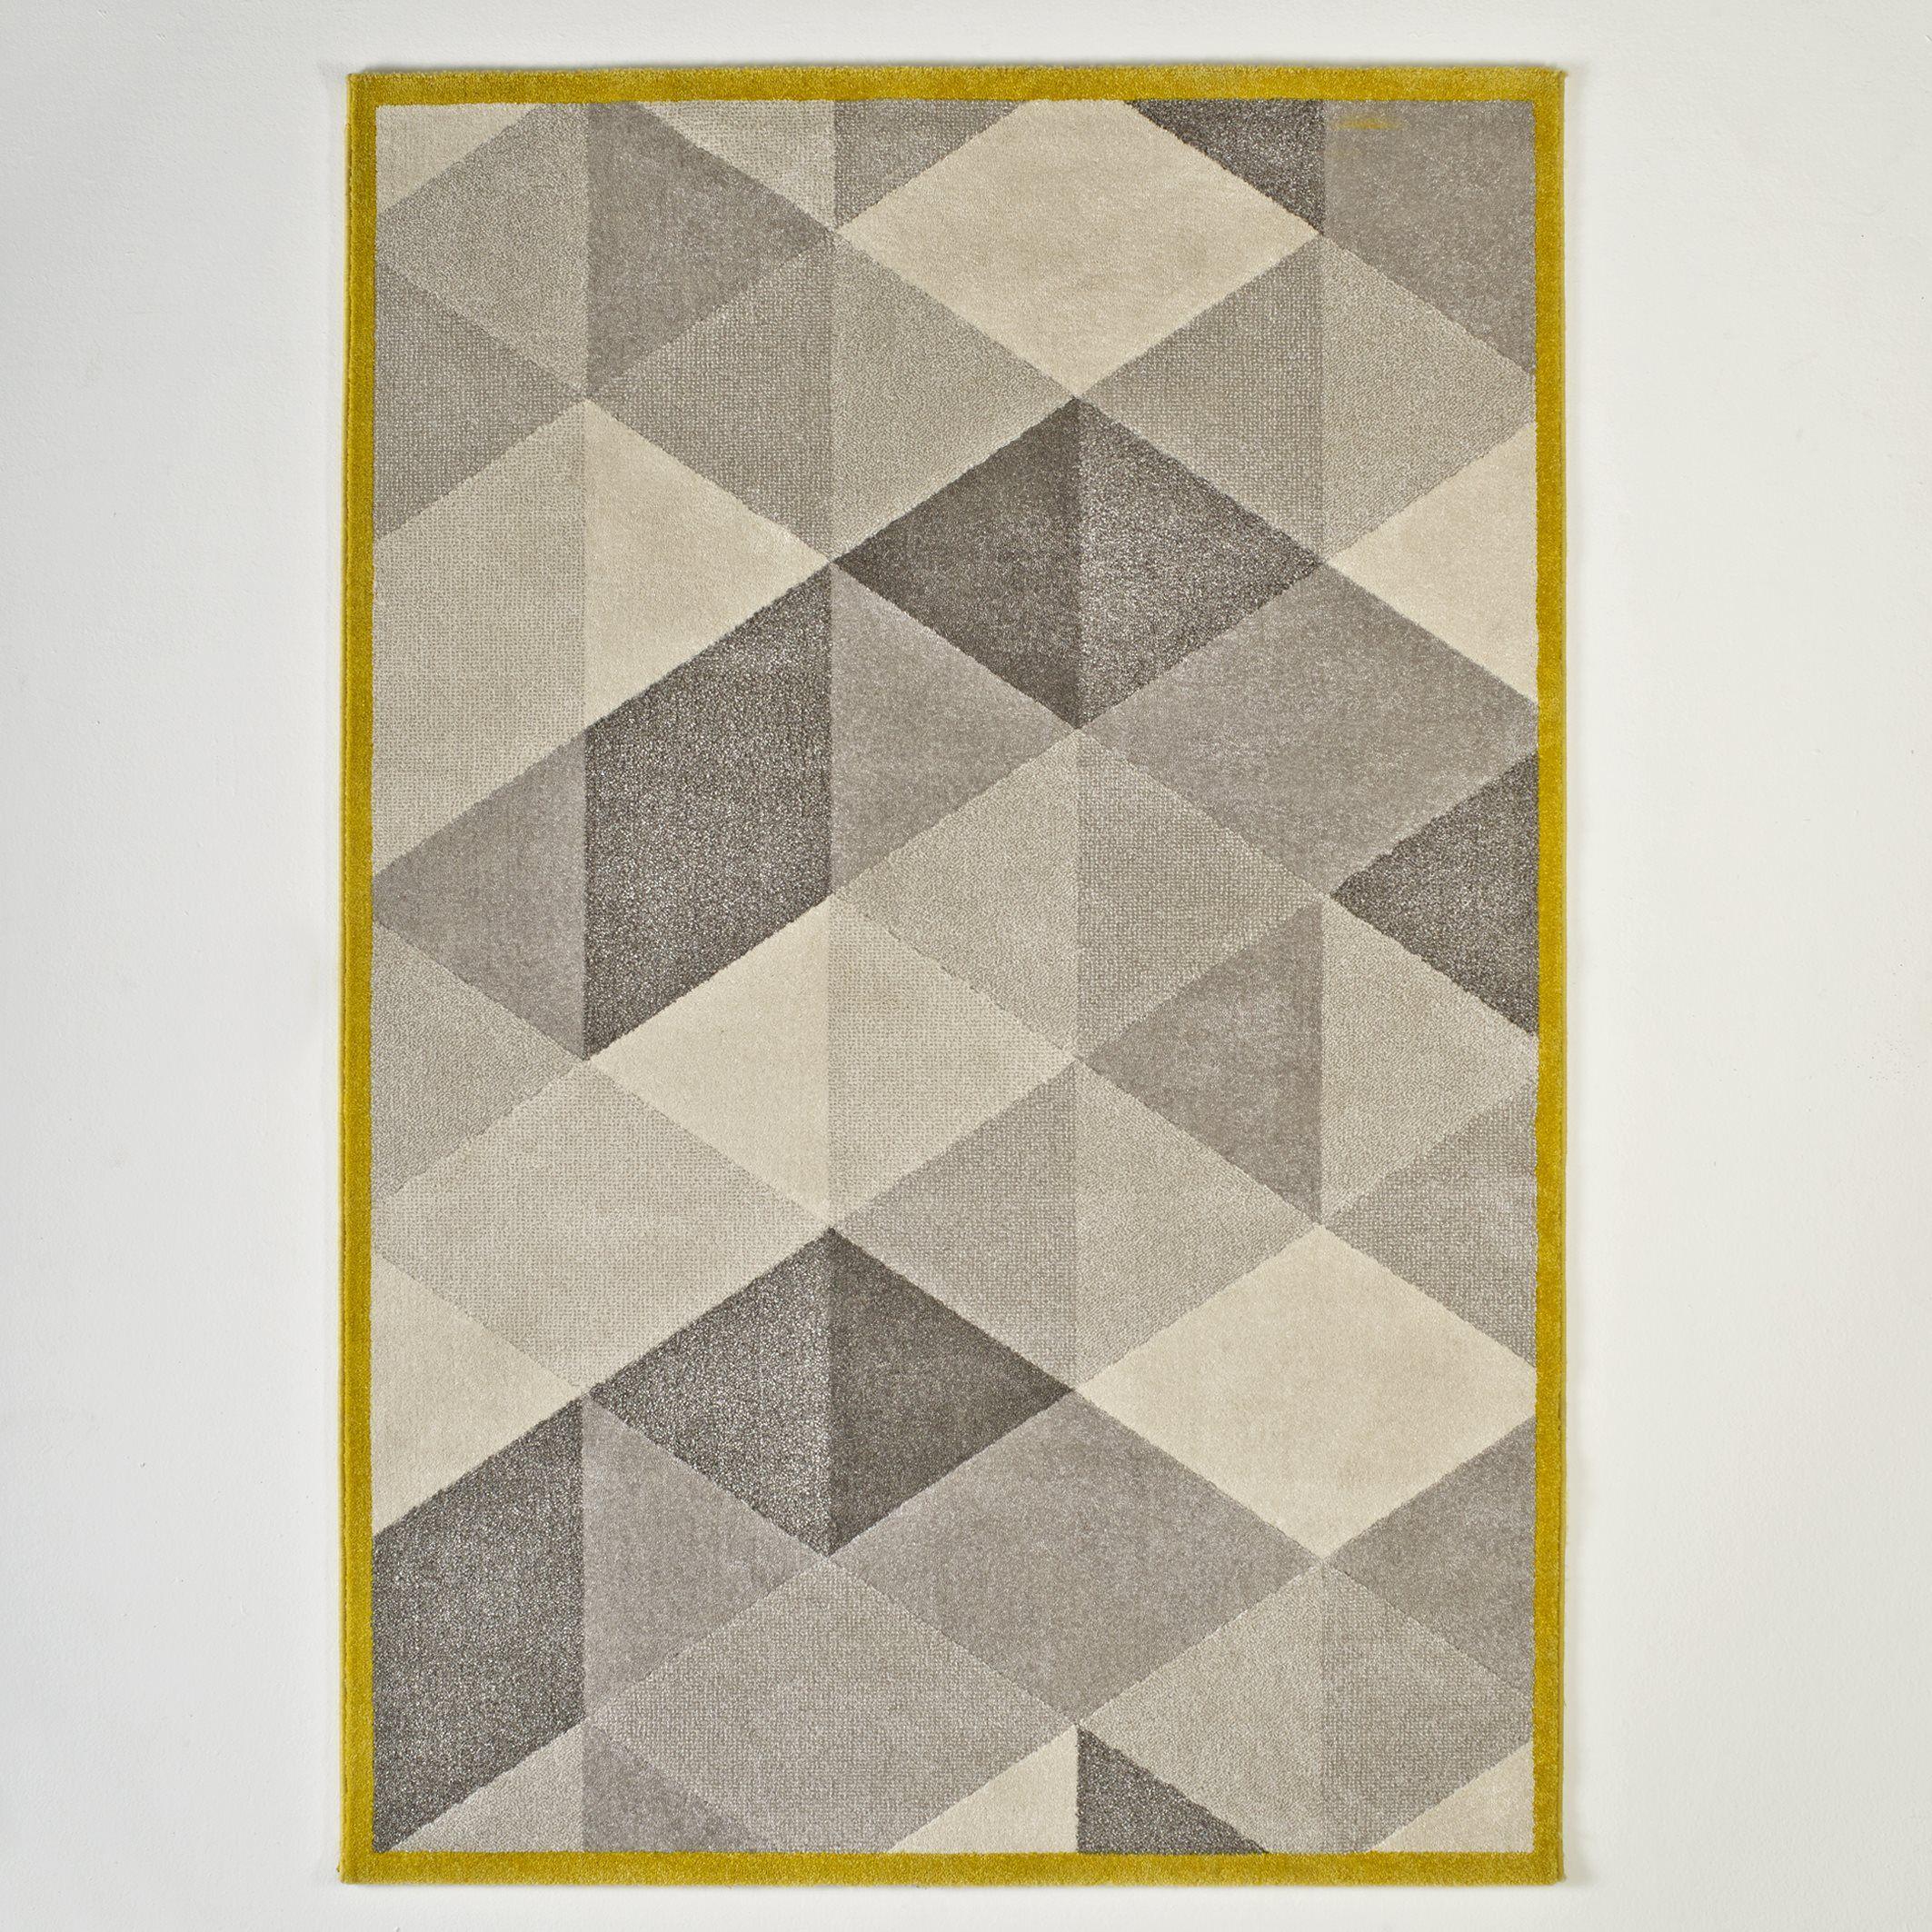 Le tapis Agasta à poil court. Très doux et confortable, il apporte une  touche graphique à votre intérieur. Caractéristiques du tapis Agasta  100%  ... ab5fb1ec653